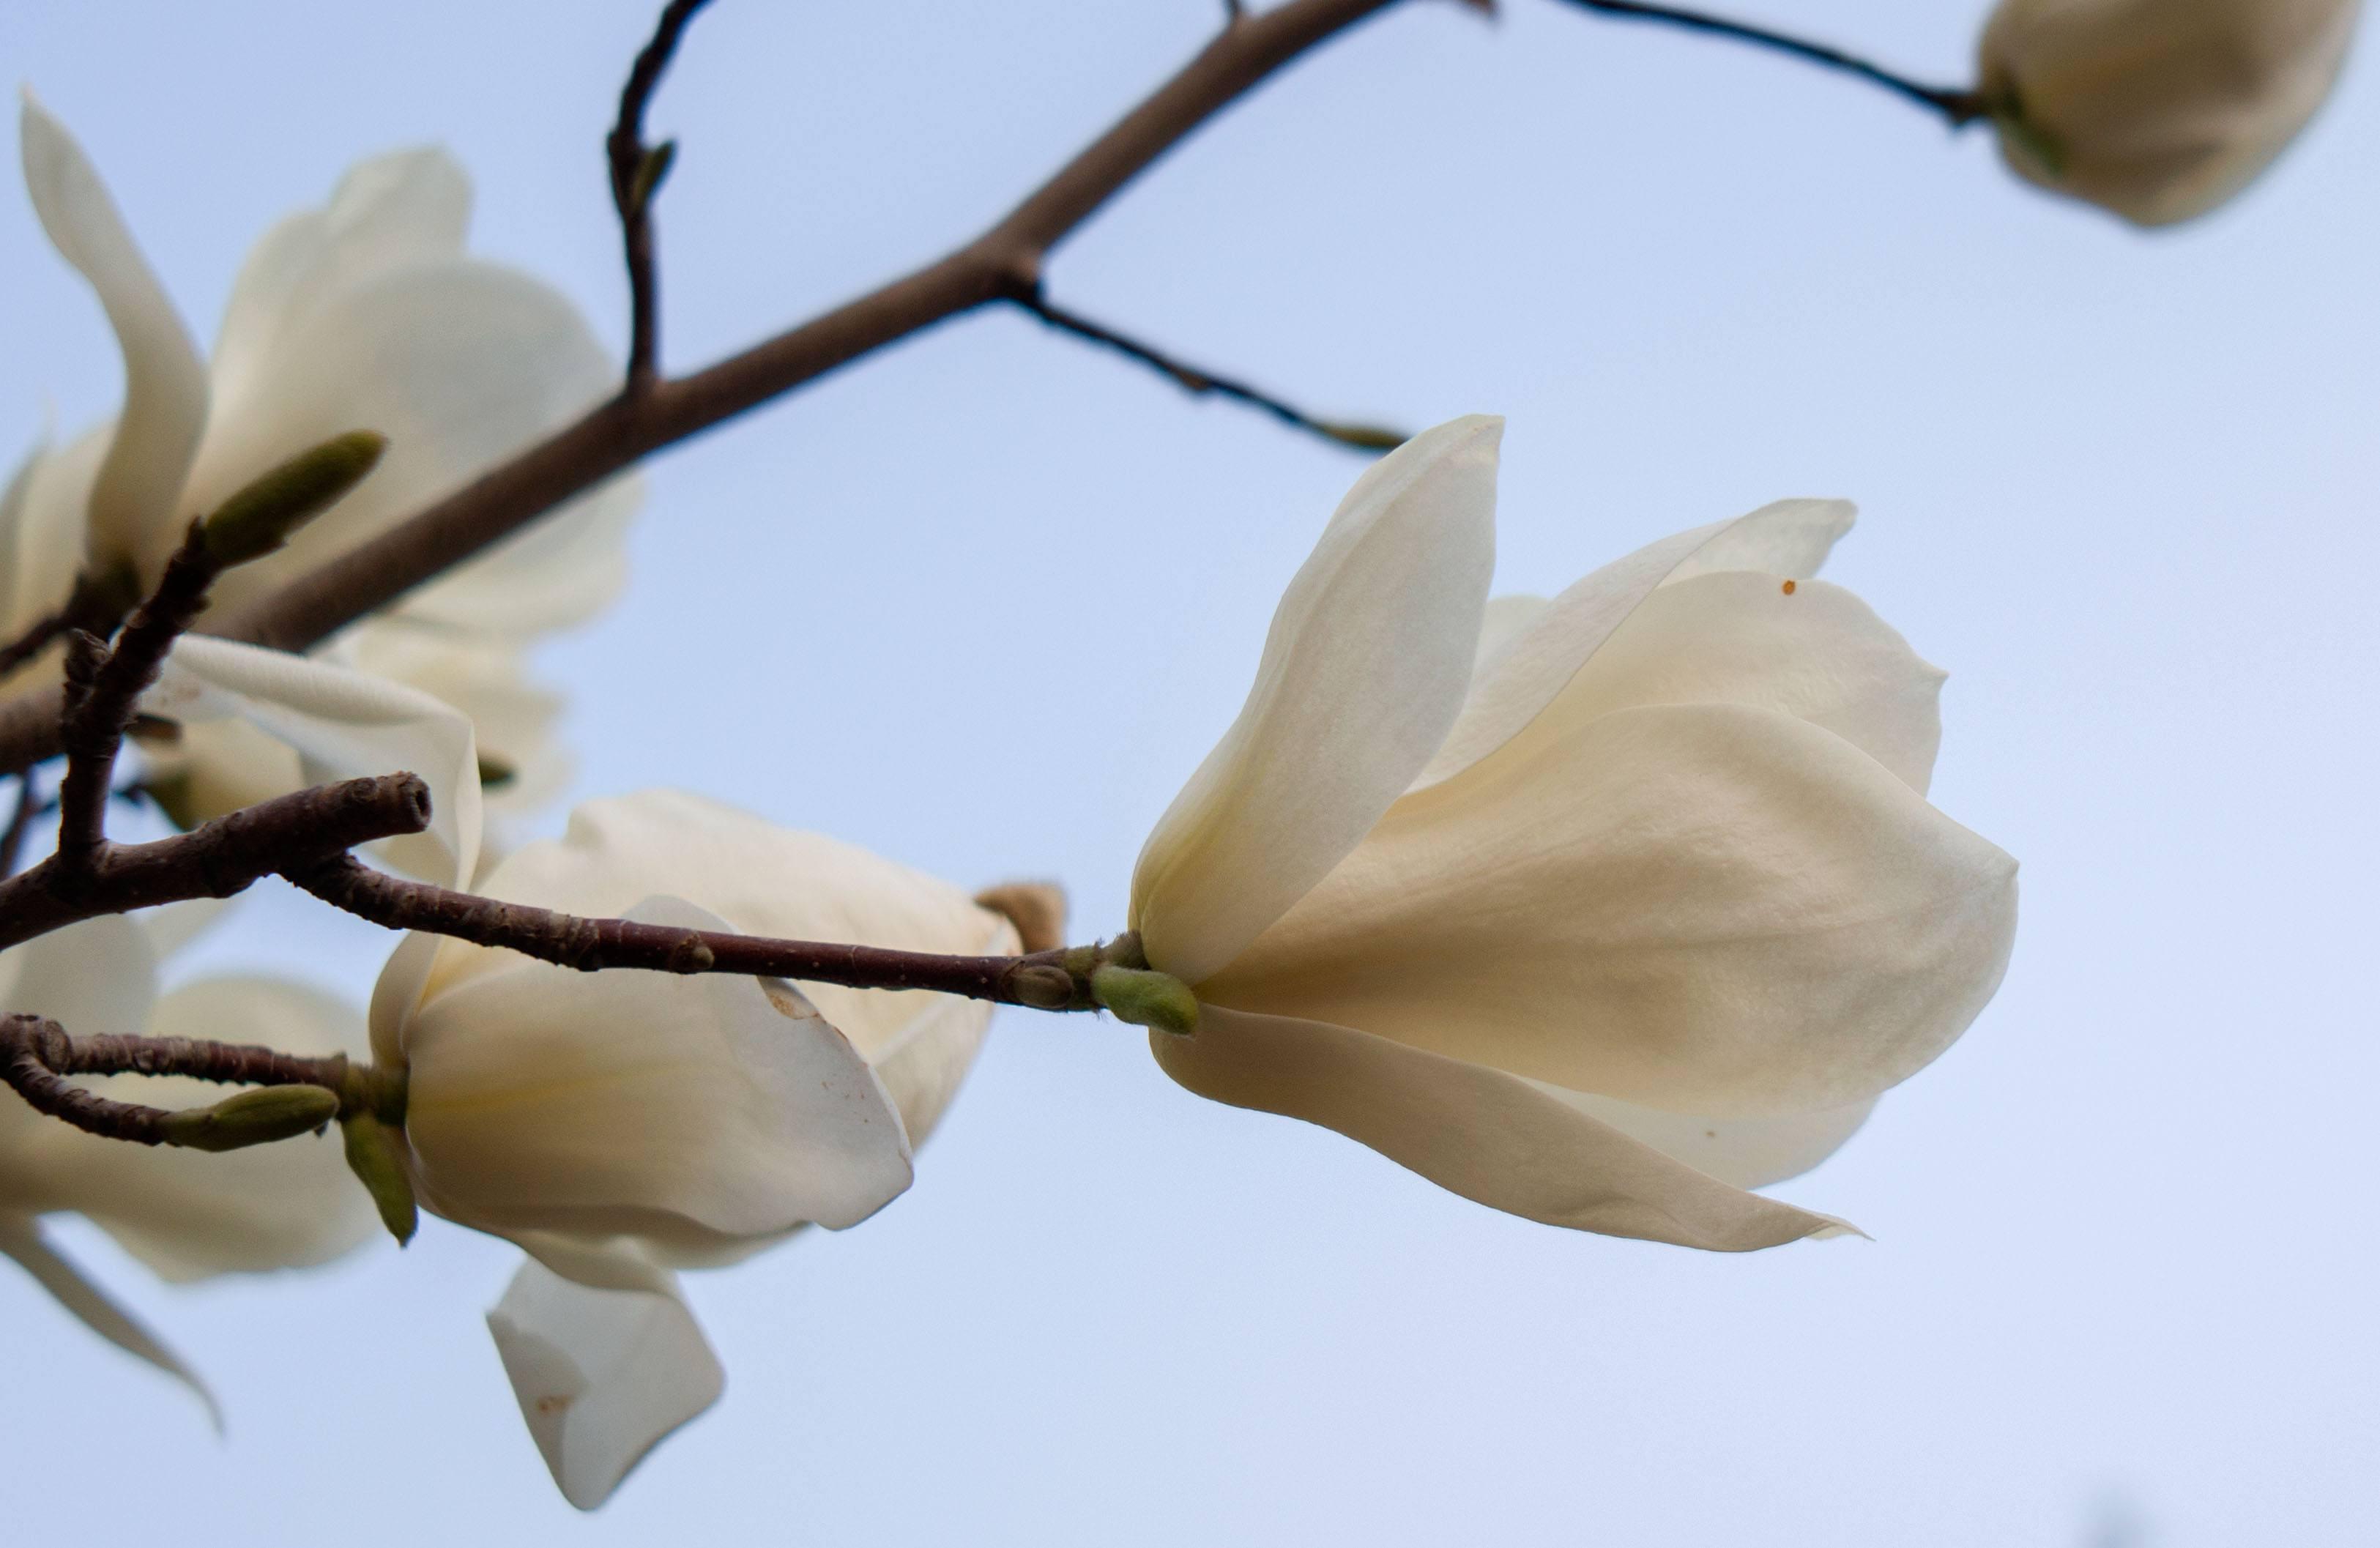 兰州玉兰已经开花了,你见了吗